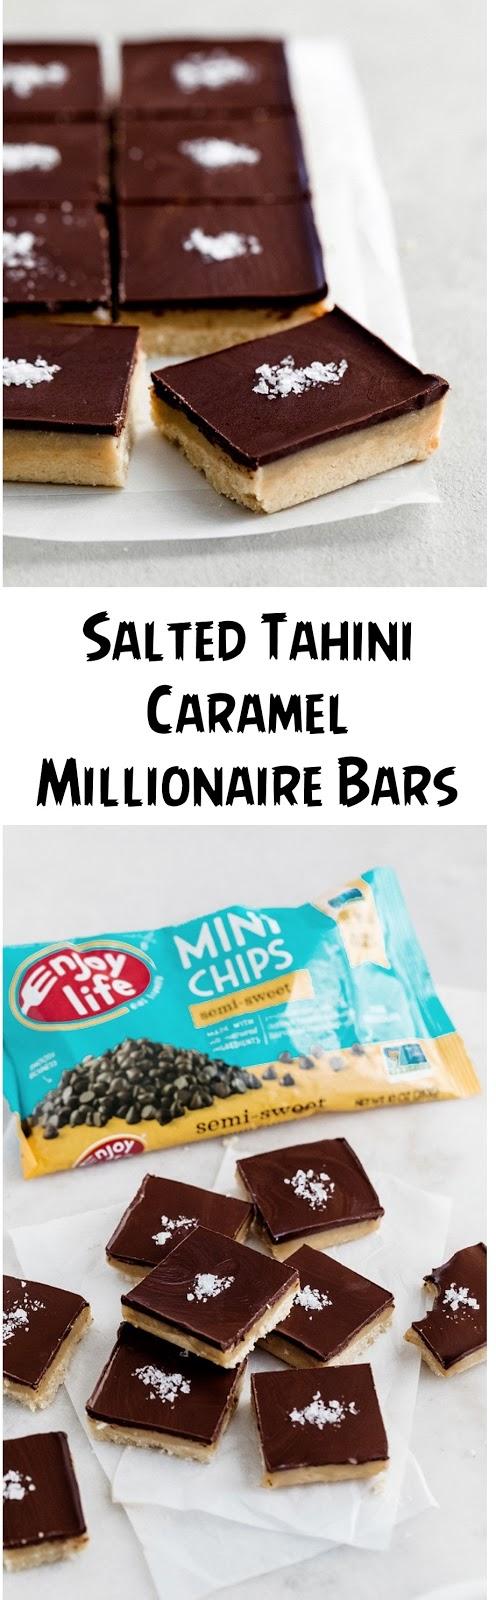 Salted Tahini Caramel Millionaire Bars